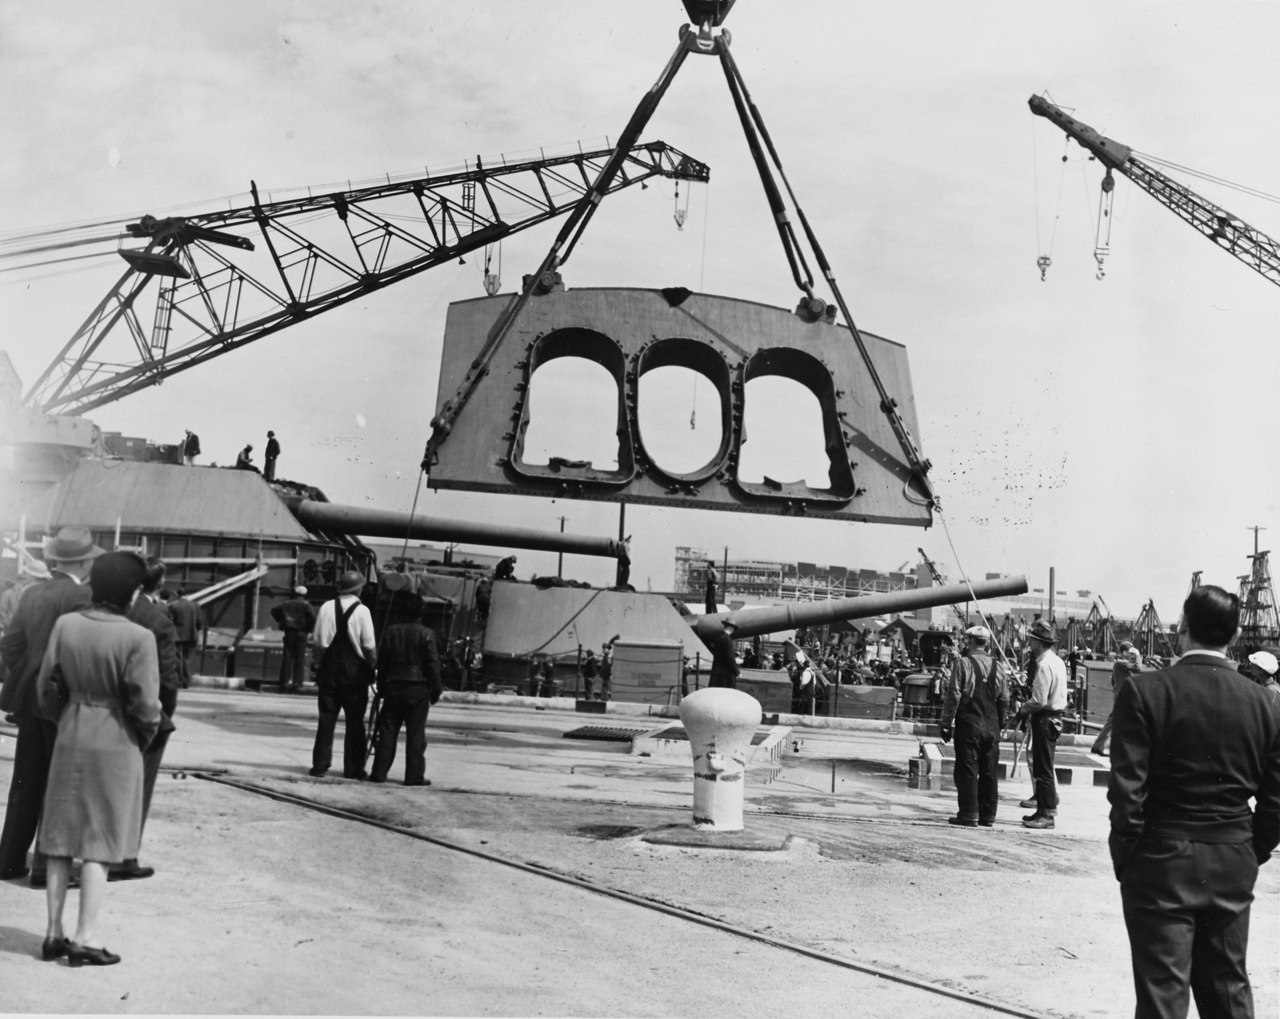 Монтаж лобовой броневой плиты башни ГК (толщина 457мм) линкора Пеннсильвания на верфи Хантерз Пойнт зимой 1942-43г